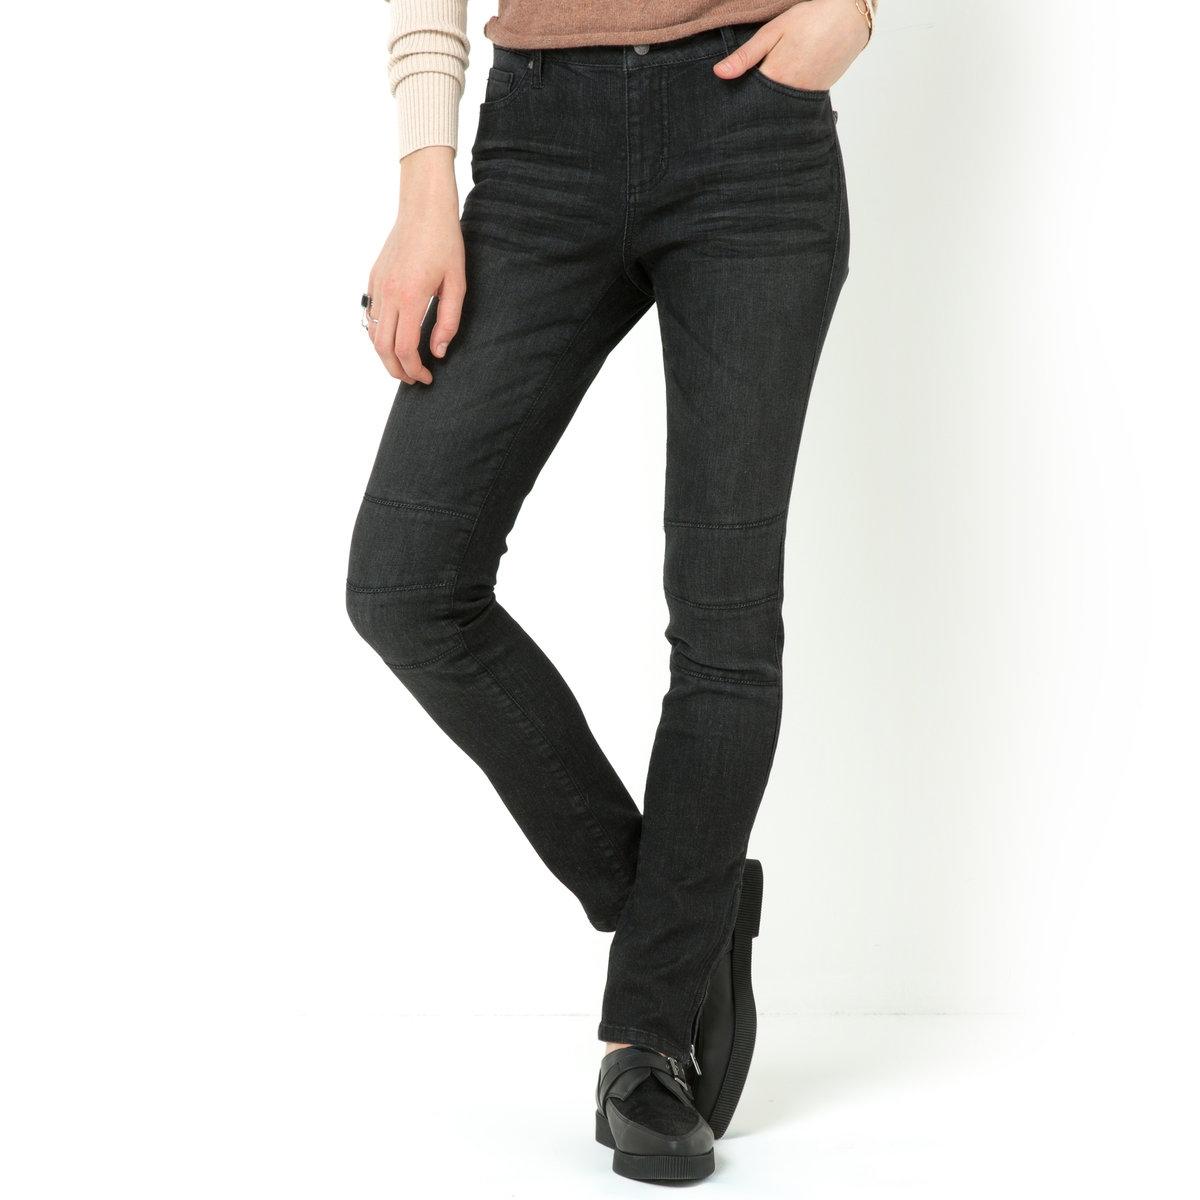 Джинсы облегающего покроя в байкерском стиле из денима стретчДжинсы в байкерском стиле: 98% хлопка, 2% эластана. Облегающая (зауженная) модель. Отрезные детали на коленях. Низ брючин с молниями. Длина по внутр.шву 74,5 см. Ширина по низу 13,5 см.<br><br>Цвет: черный размытый<br>Размер: 38 (FR) - 44 (RUS)